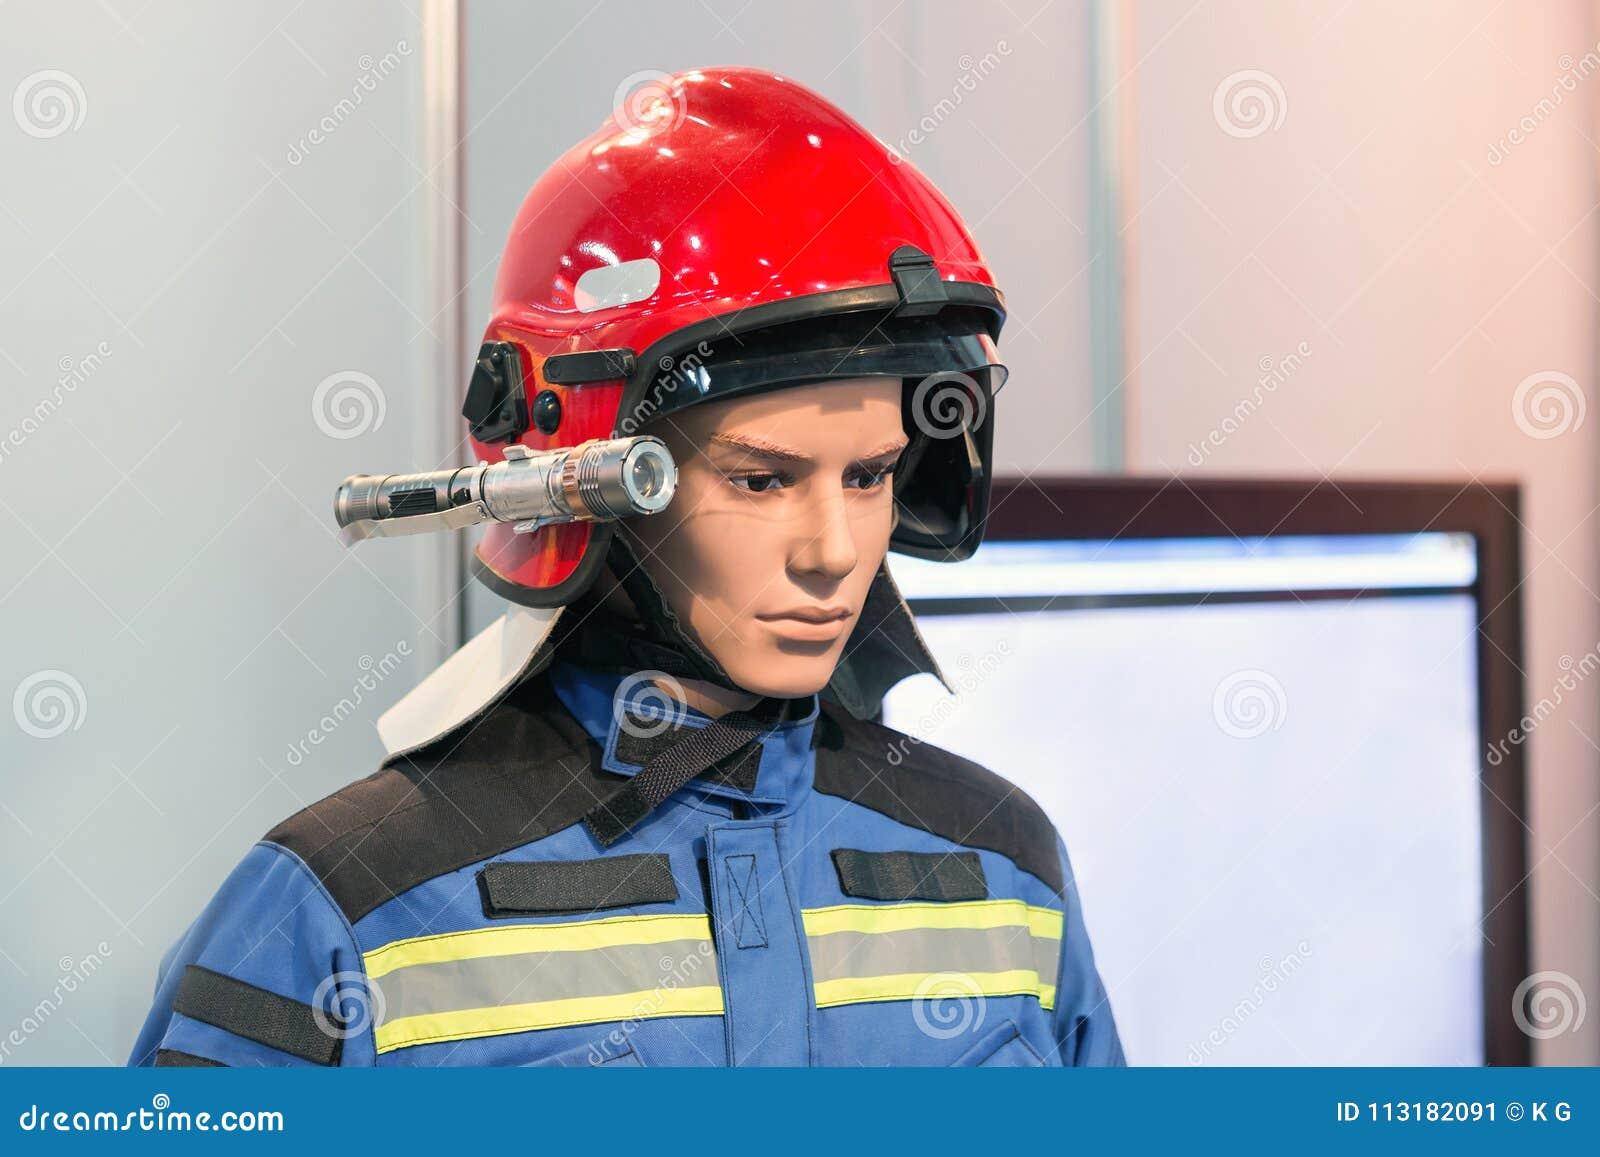 Ausstellungsfeuerwehrmannattrappe im Feuerwehrmannsturzhelm und -uniform Schützende Rettungsabnutzung Helle Hauptfackel